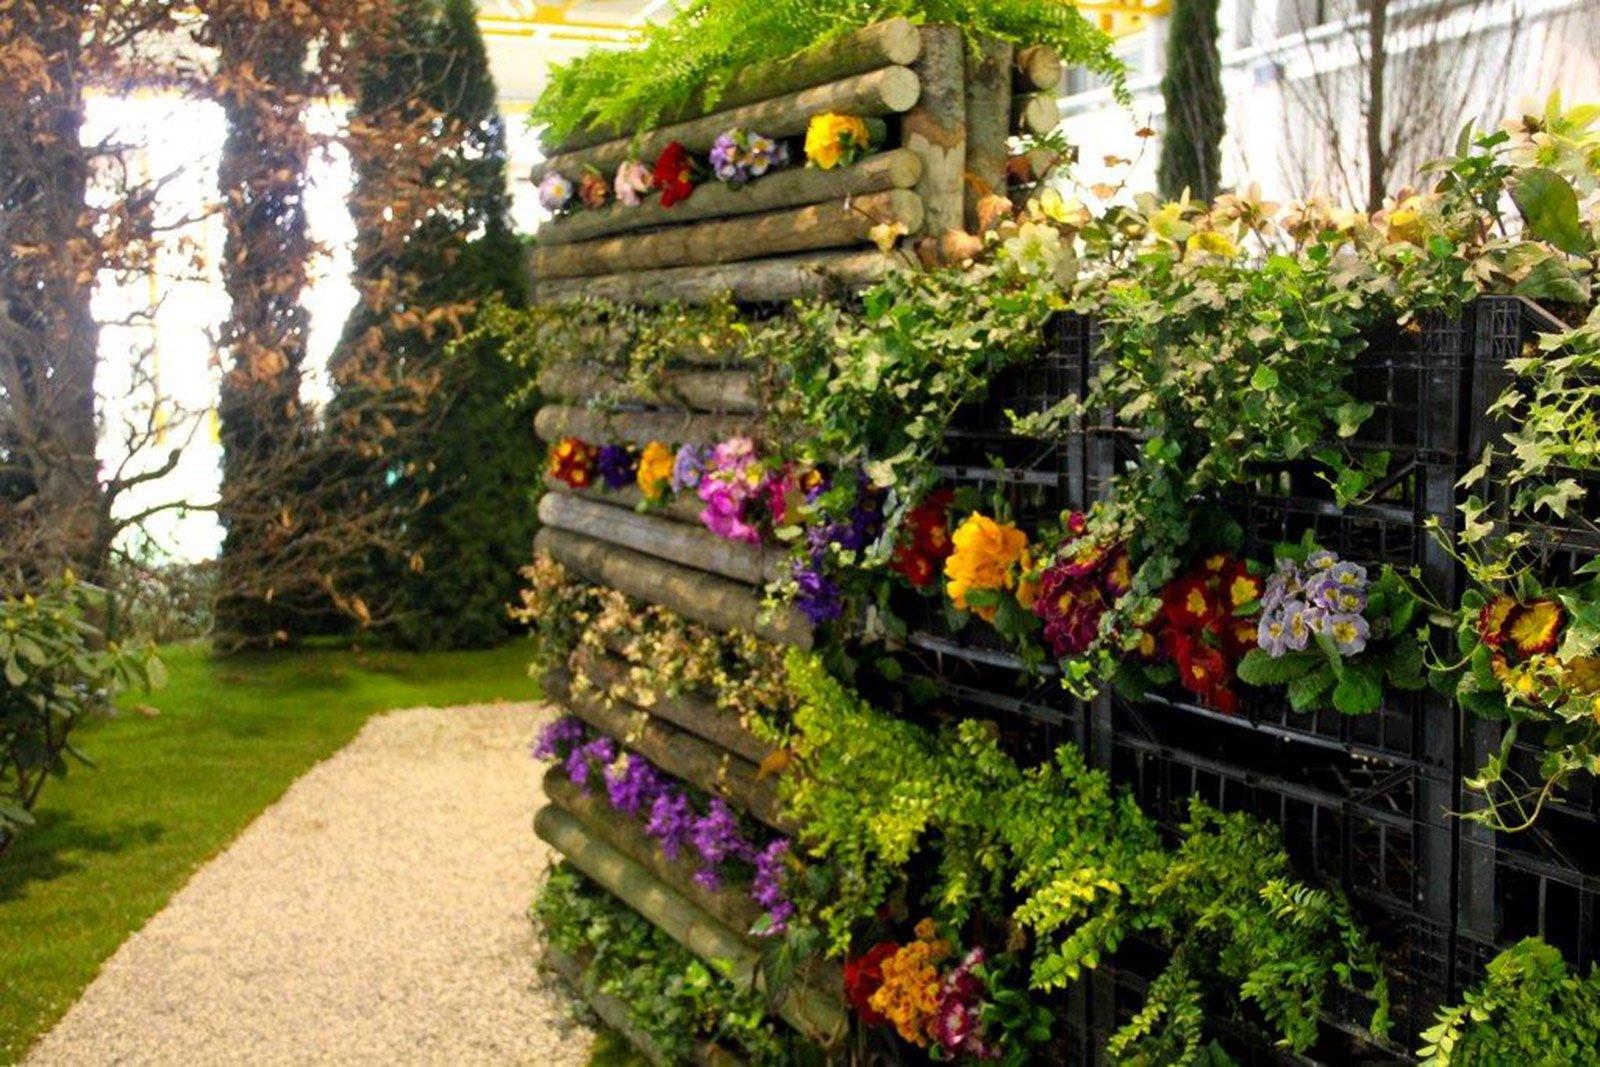 Ortogiardino alla fiera di pordenone cose di casa - Fiera giardinaggio ...